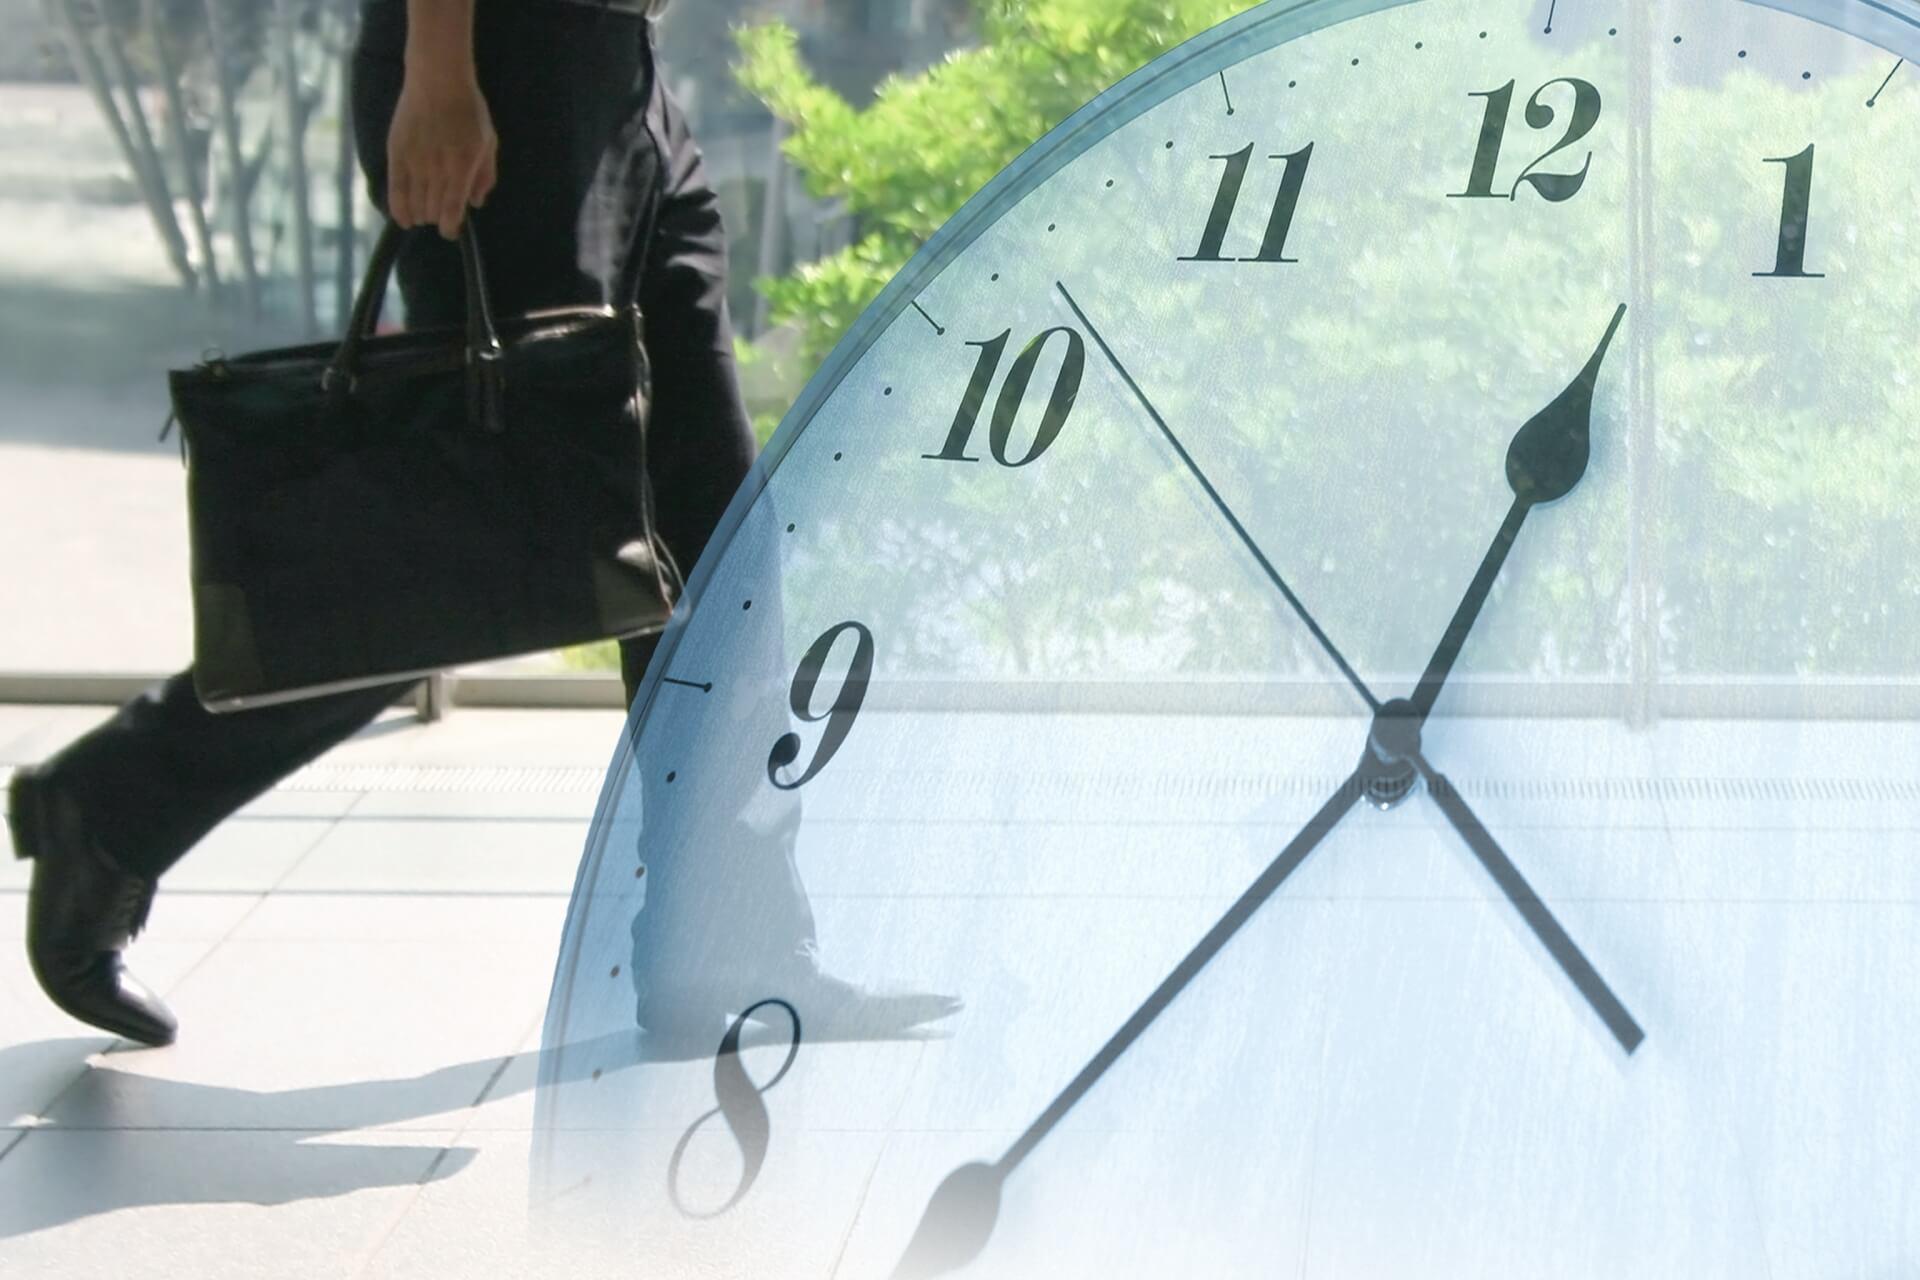 夜間での仕事がメインになるので昼間の時間を自由に使う事が出来ます。